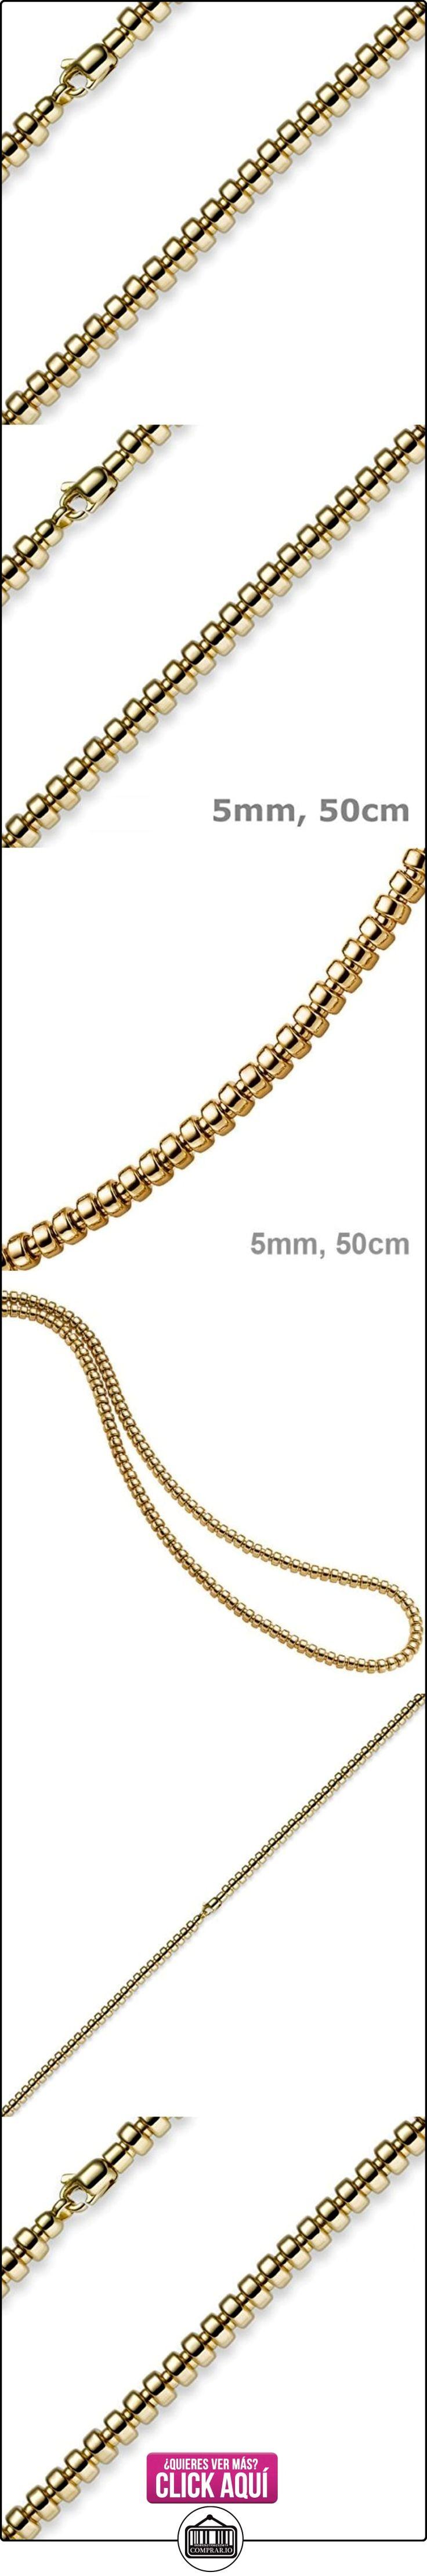 5 mm Schmuck rodillos cadena oro 585 50 cm unisex de cadena de oro  ✿ Joyas para hombres especiales - lujo ✿ ▬► Ver oferta: https://comprar.io/goto/B00C6ODF8M